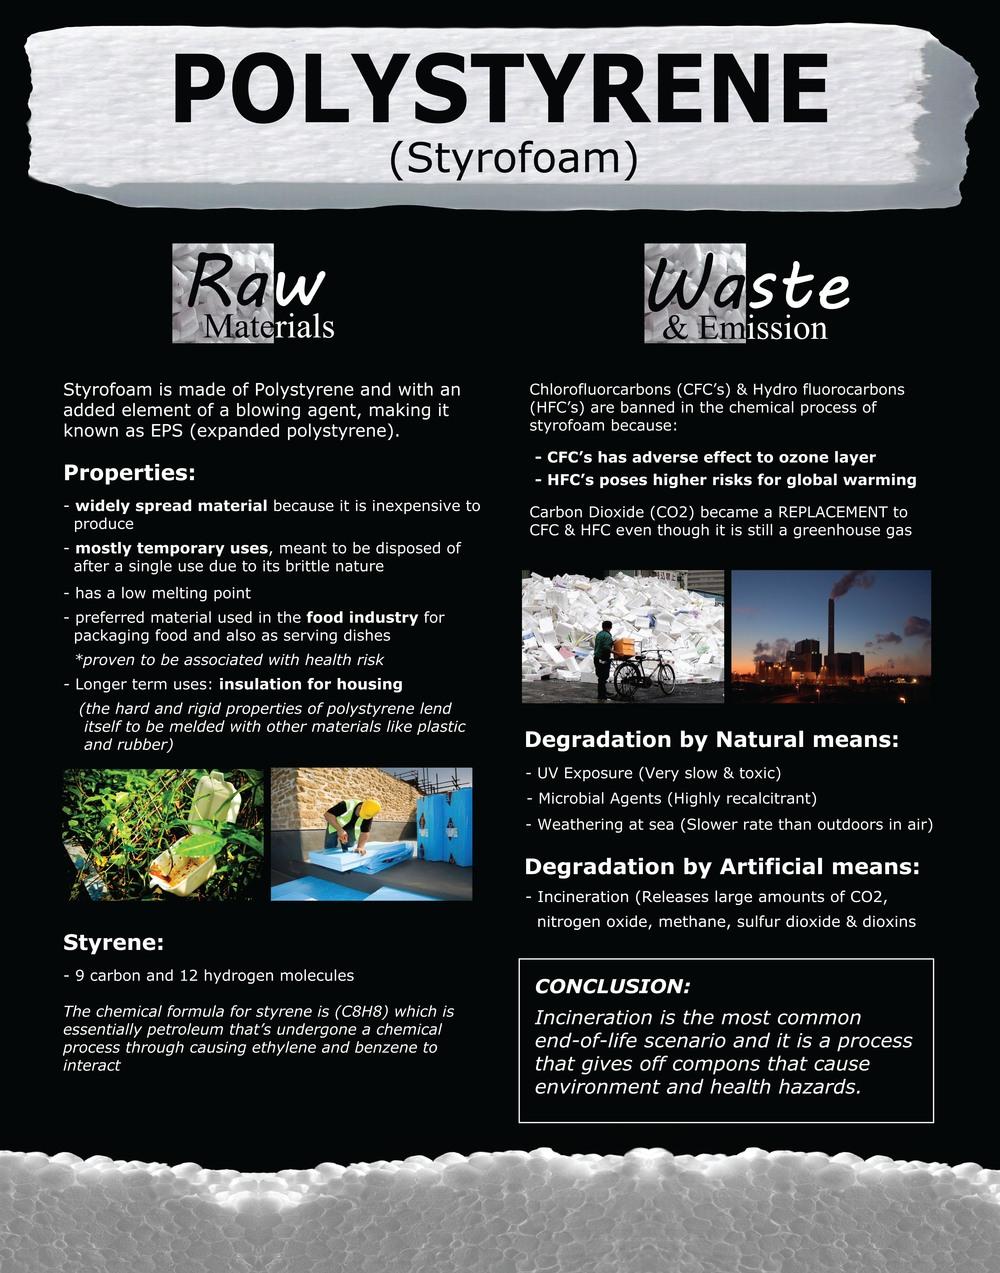 Polystyrene (Styrofoam) Life Cycle